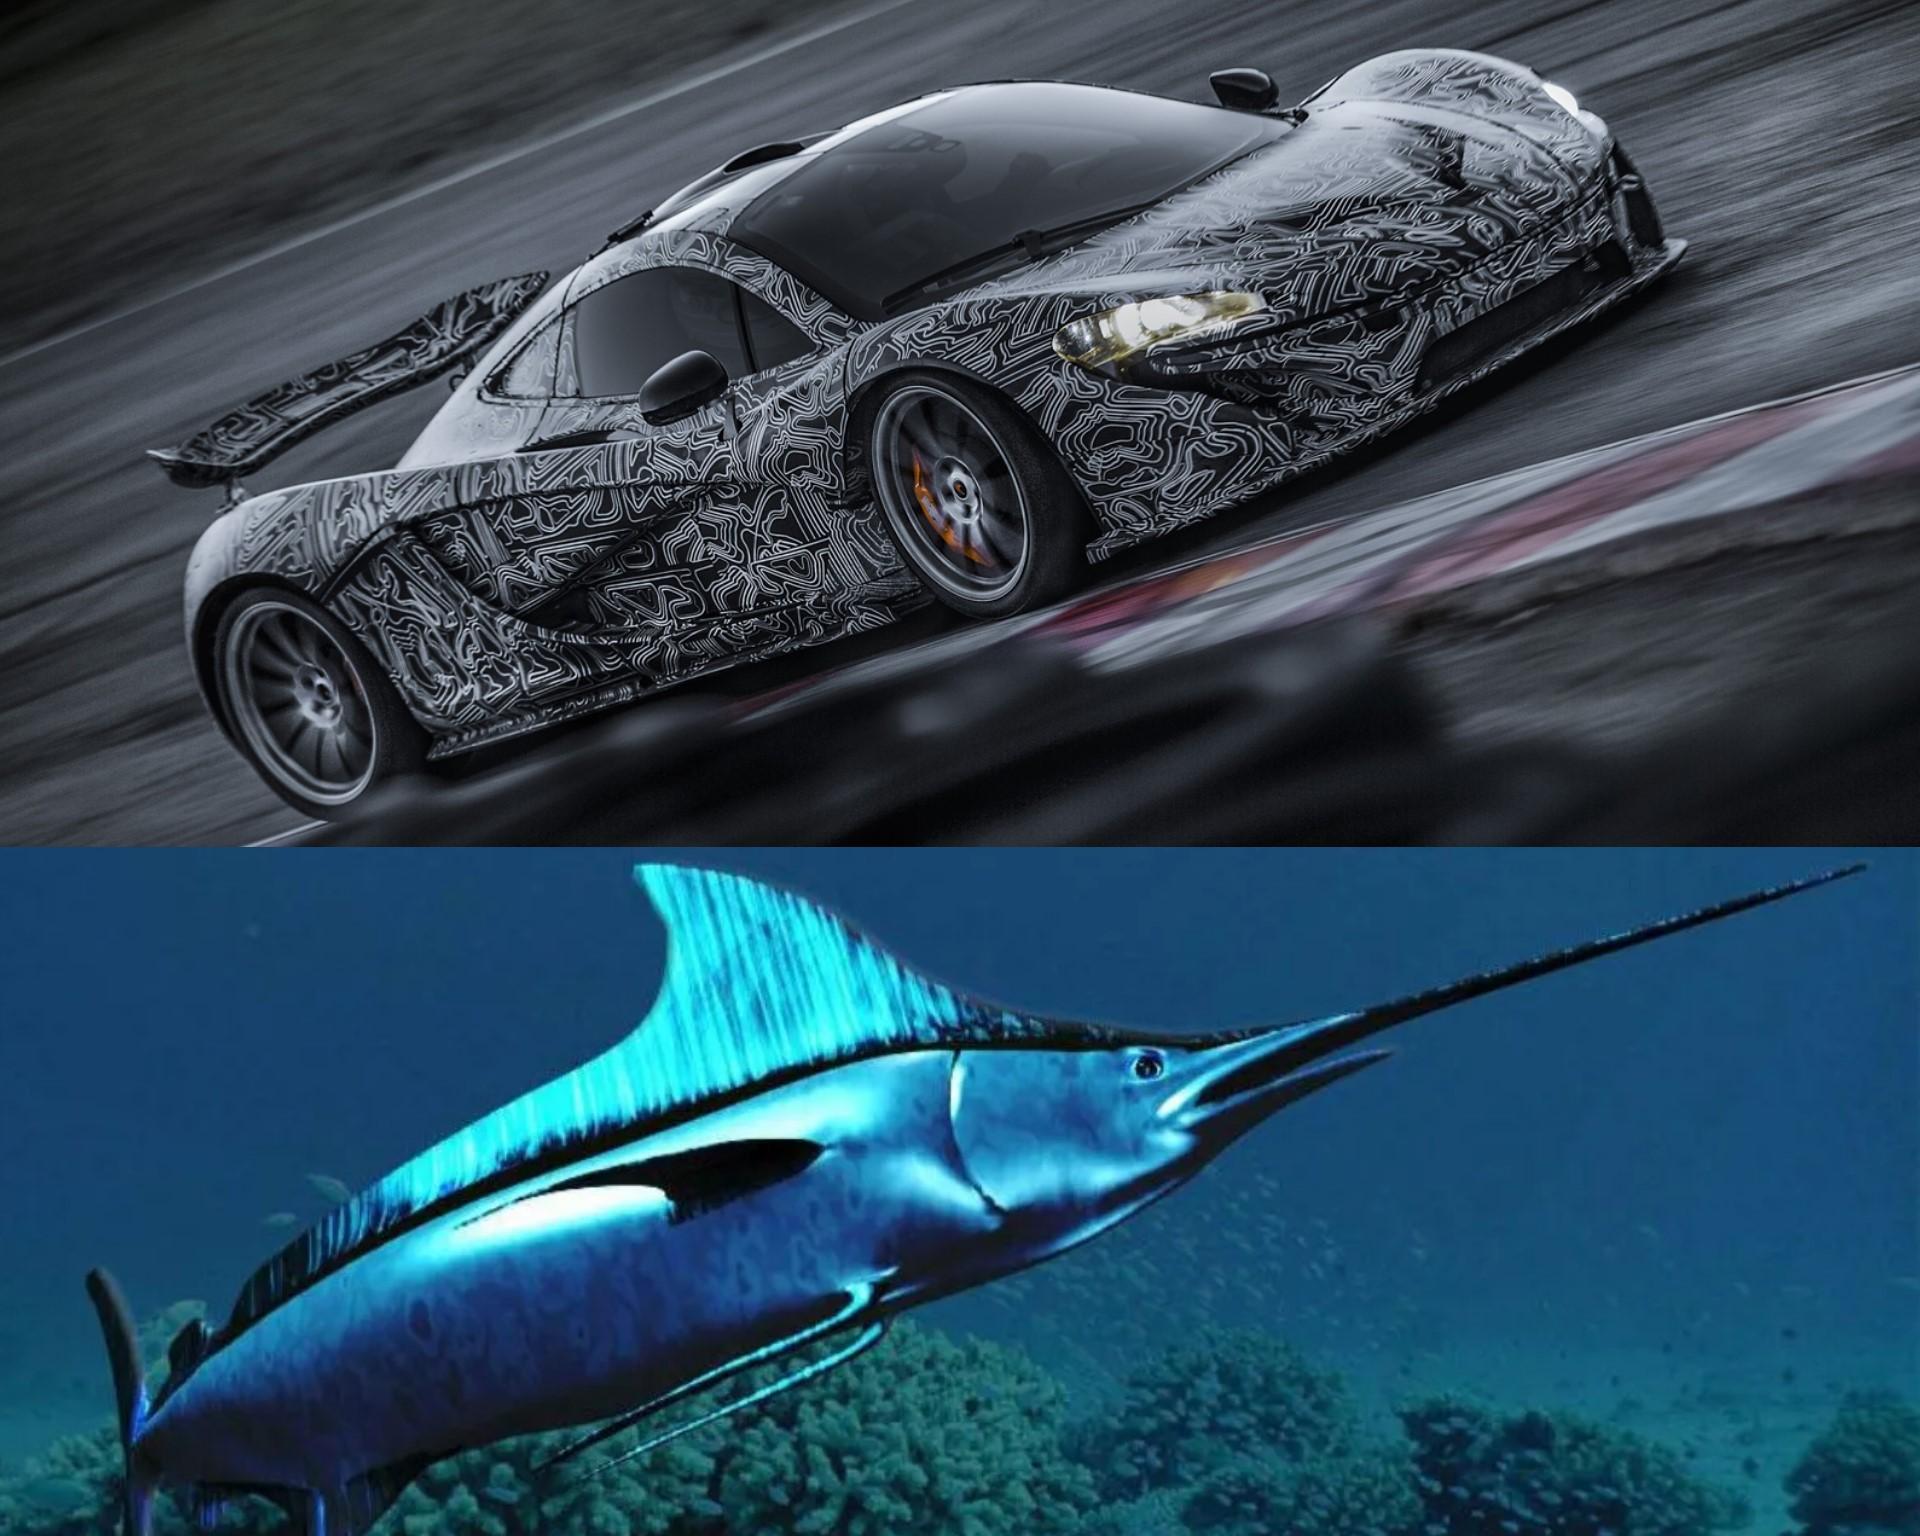 Mclaren P1 inspirado en un pez vela, autos inspirados en peces